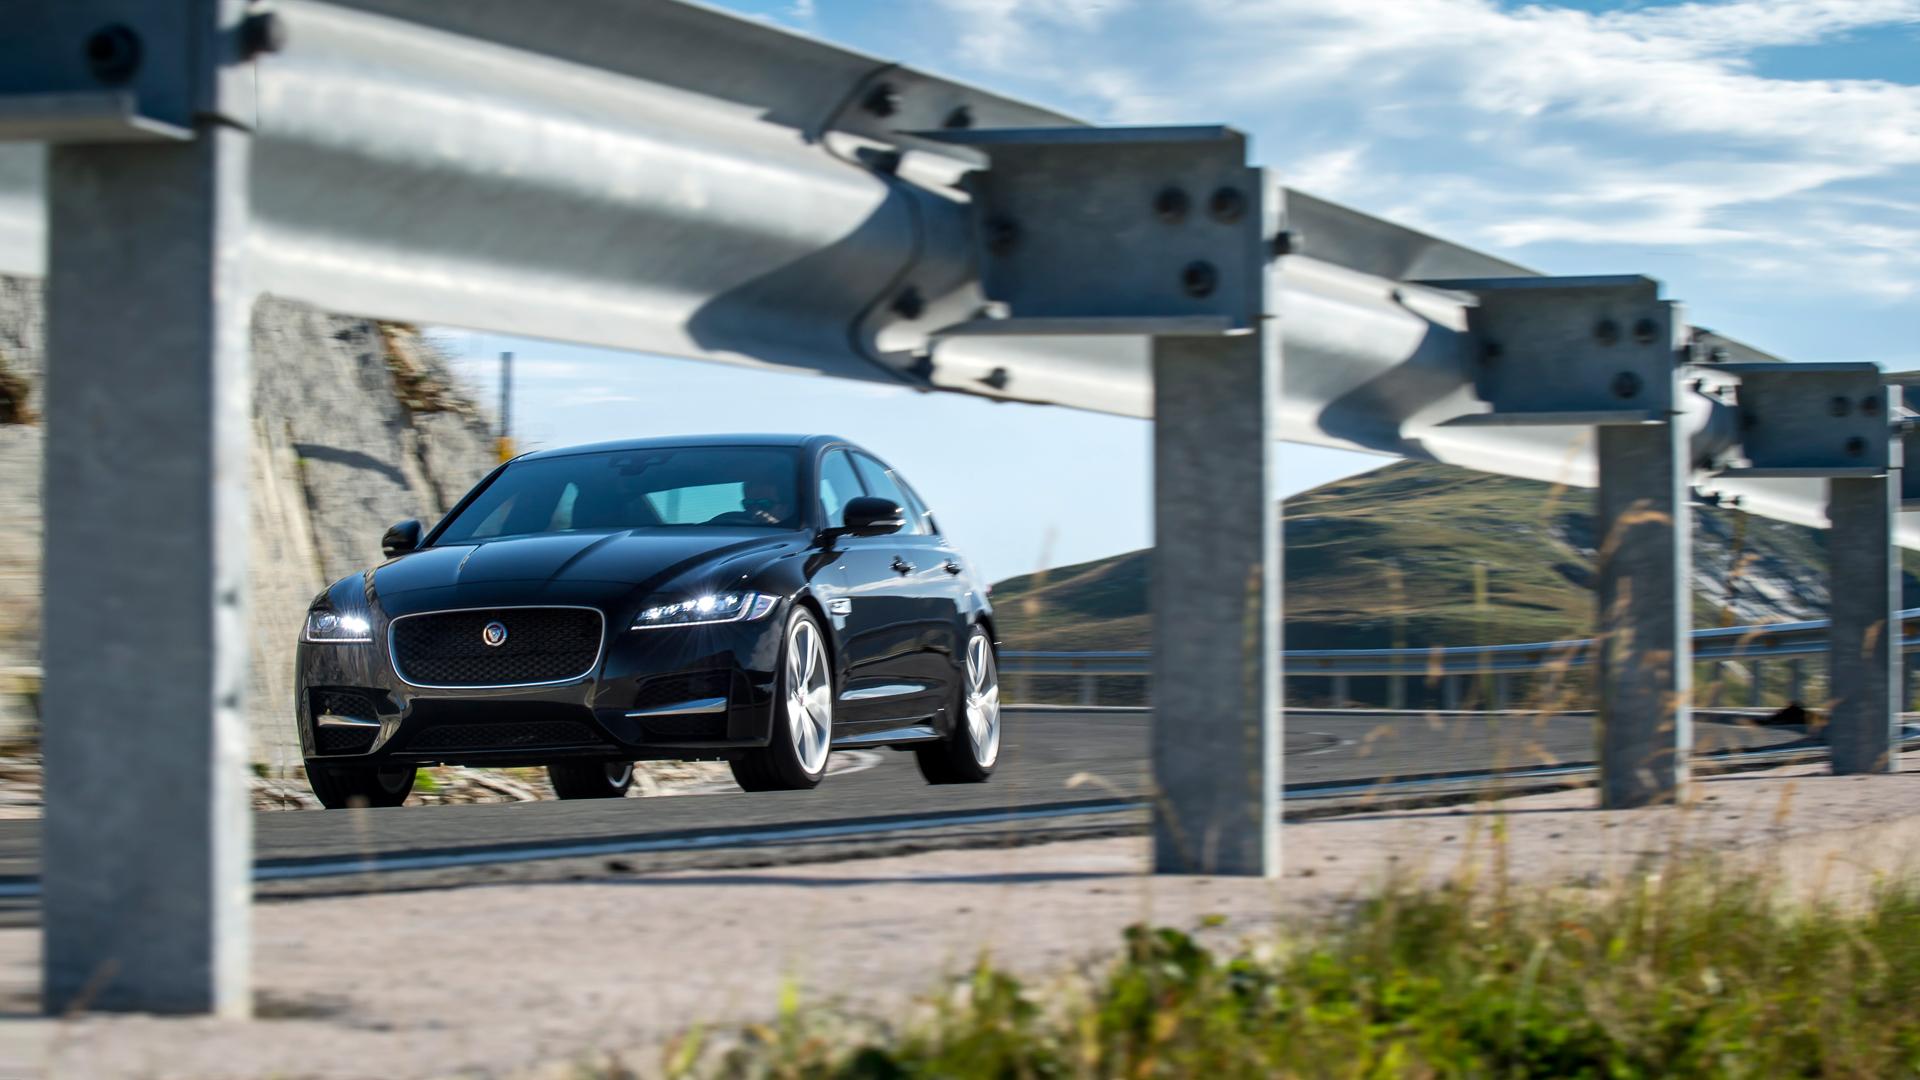 Тест нового Jaguar XF. Если сможете отличить его от старого. Фото 3